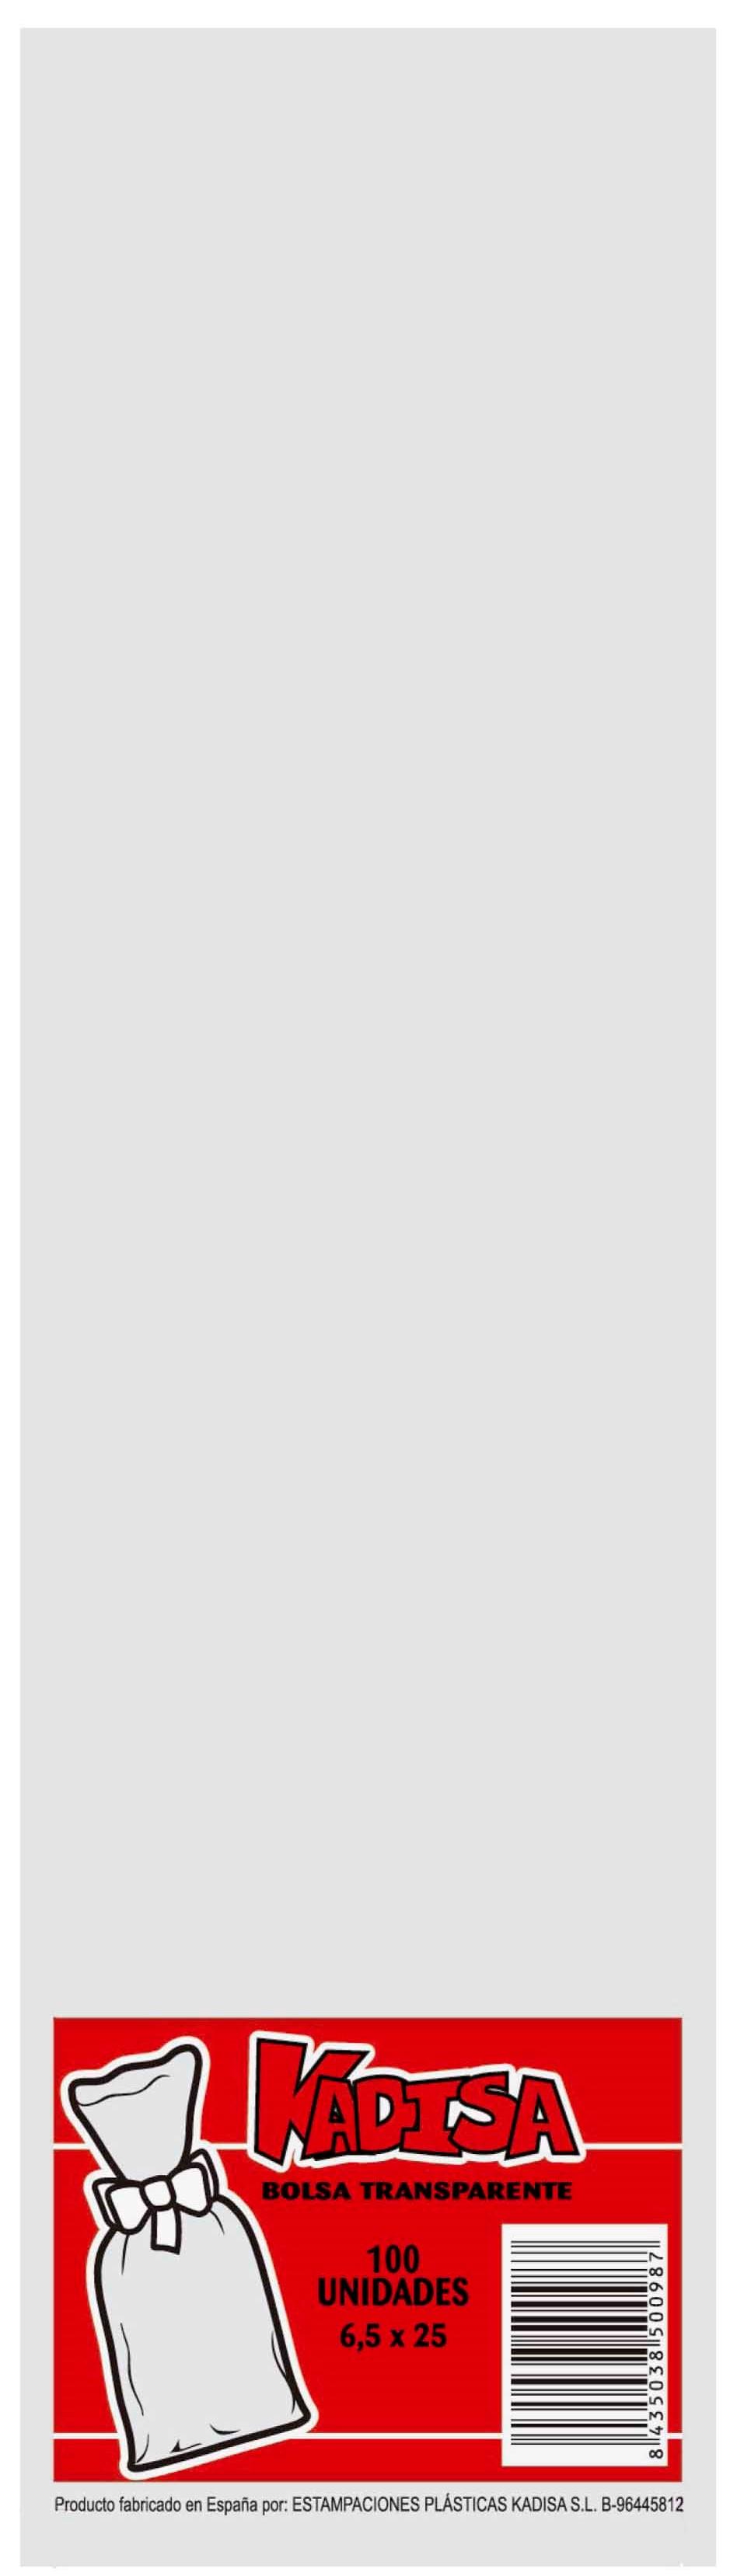 40785 Bolsa Cristal Transparente 6,5X25 Image